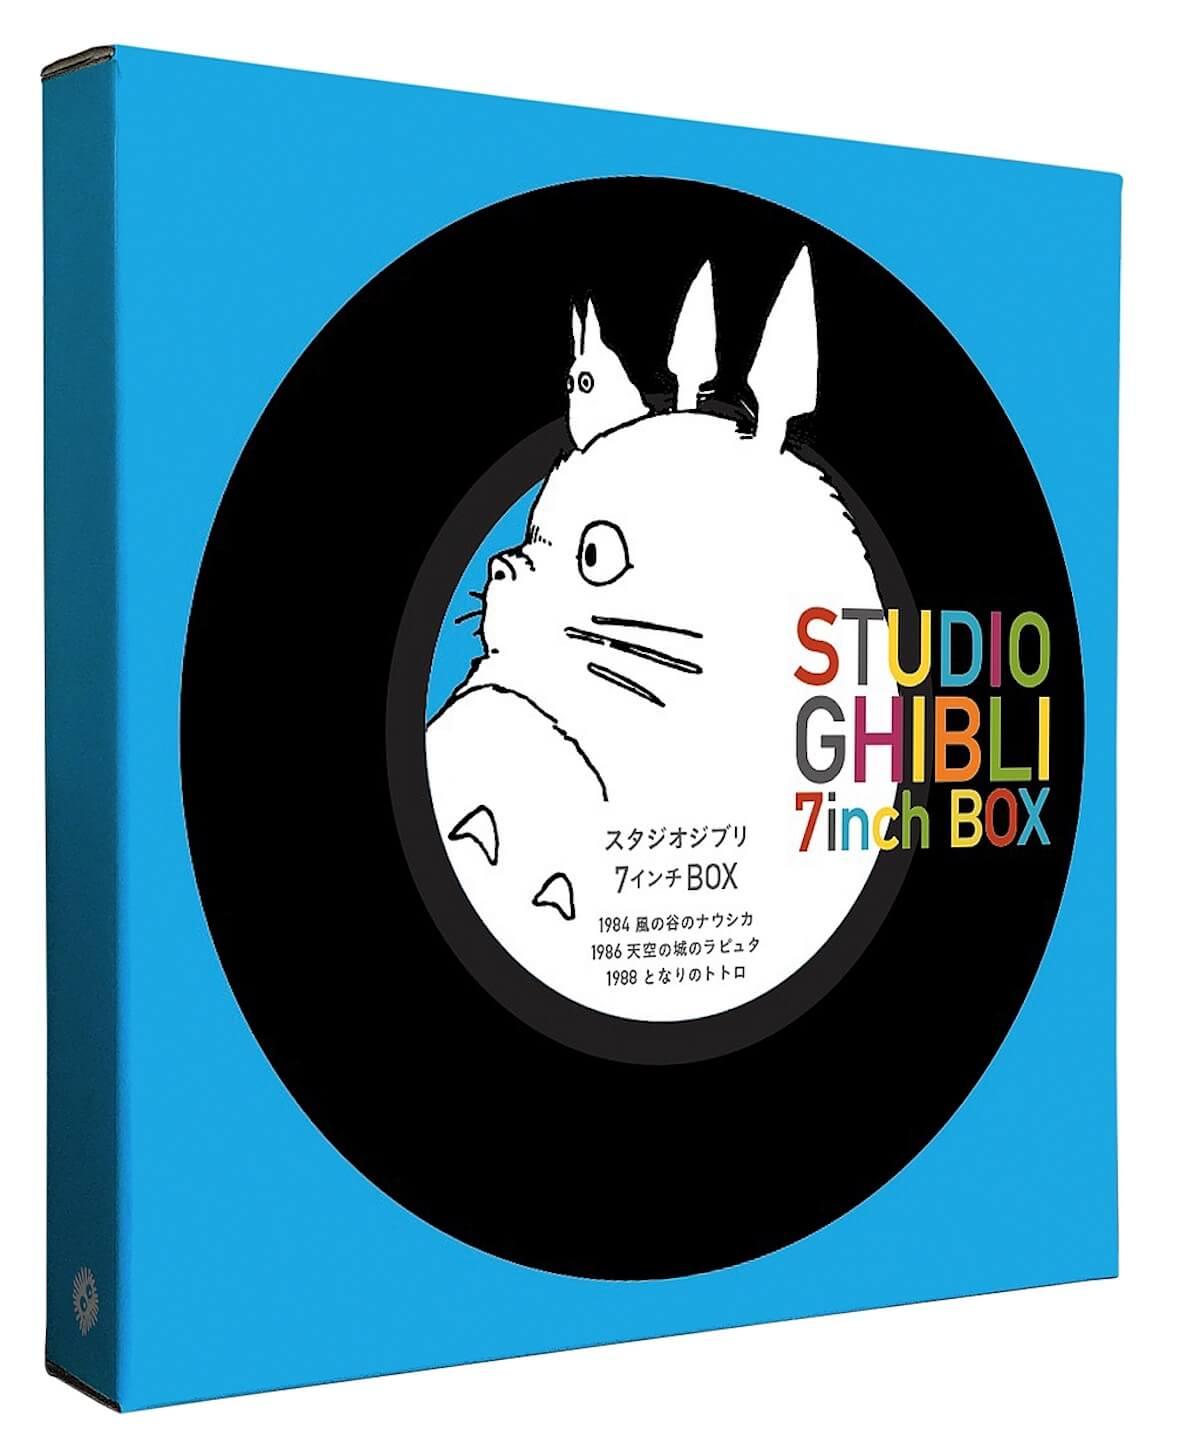 「天空の城ラピュタ」「となりのトトロ」など、スタジオジブリの主題歌が7インチレコードで完全復刻 music190528-ghibli-1-1